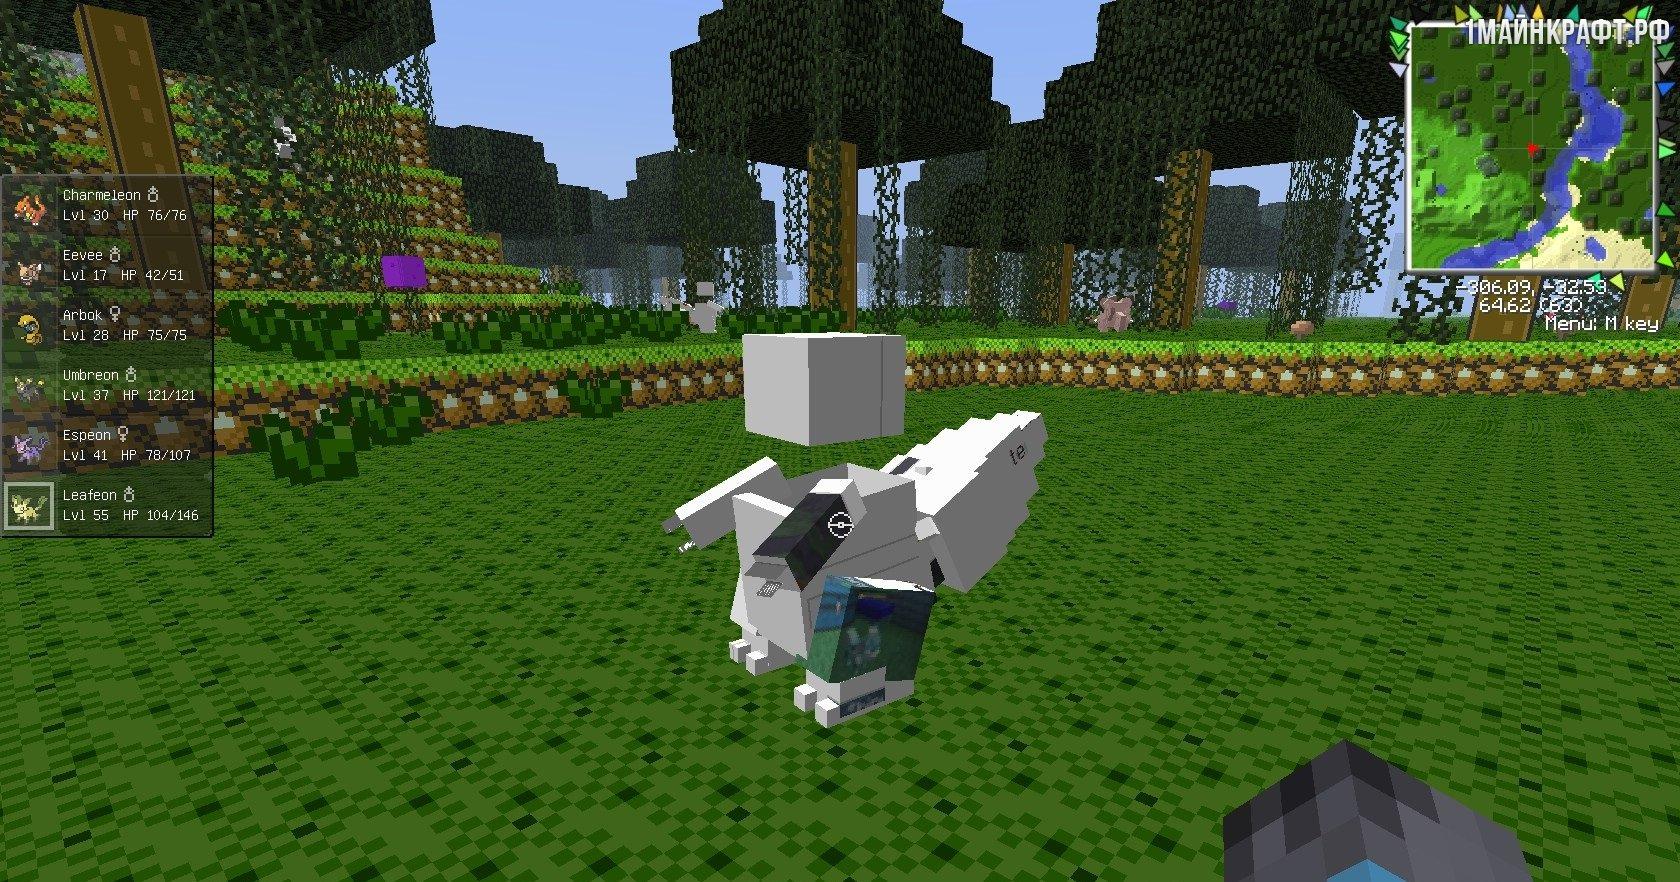 Мод Pixelmon для Minecraft 1.7.10 - Скачать Моды для ...